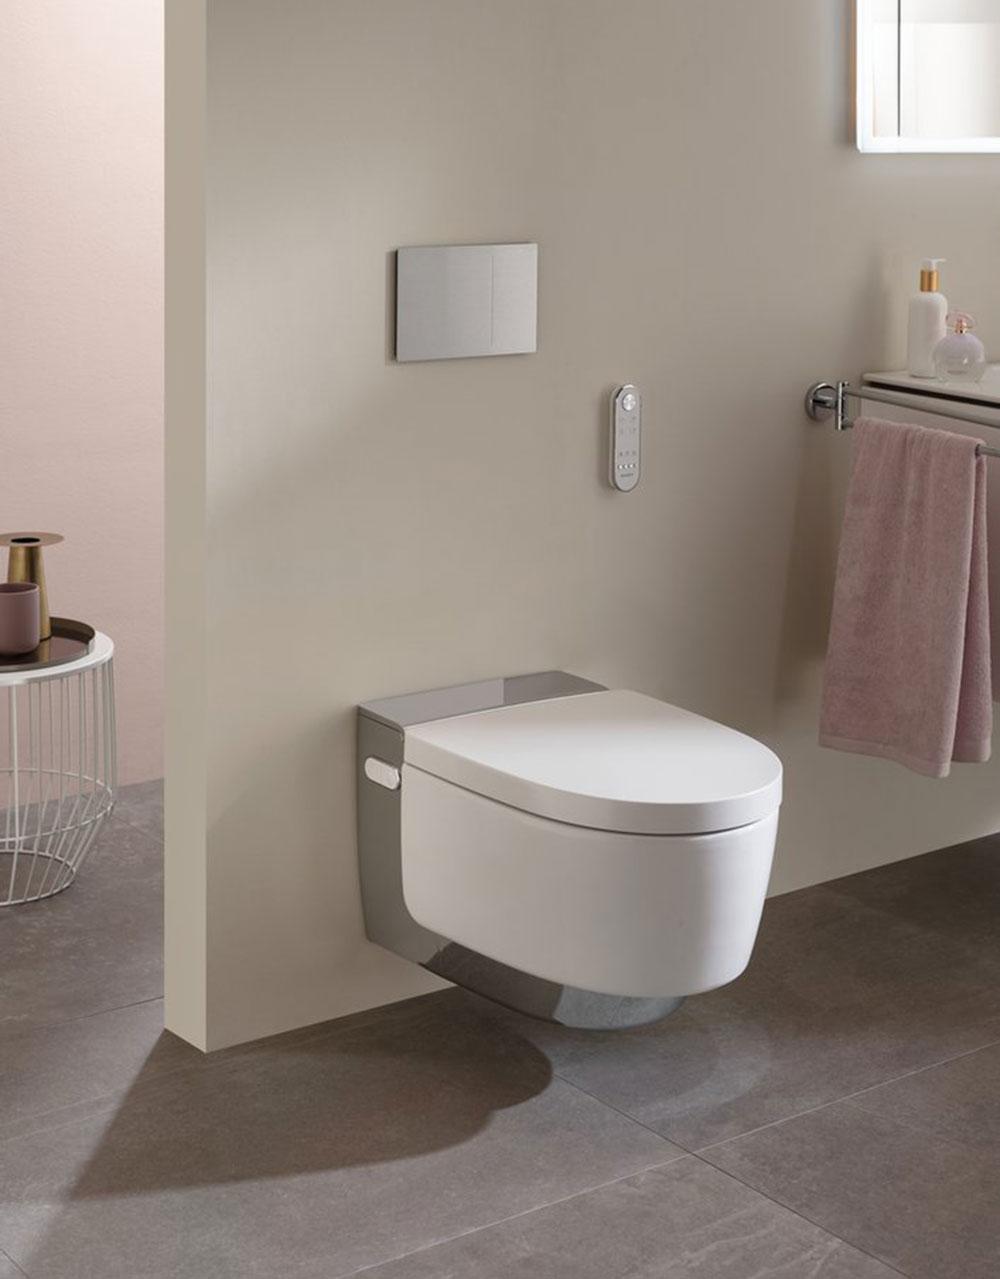 Sprchovací WC Geberit AquaClean Mera